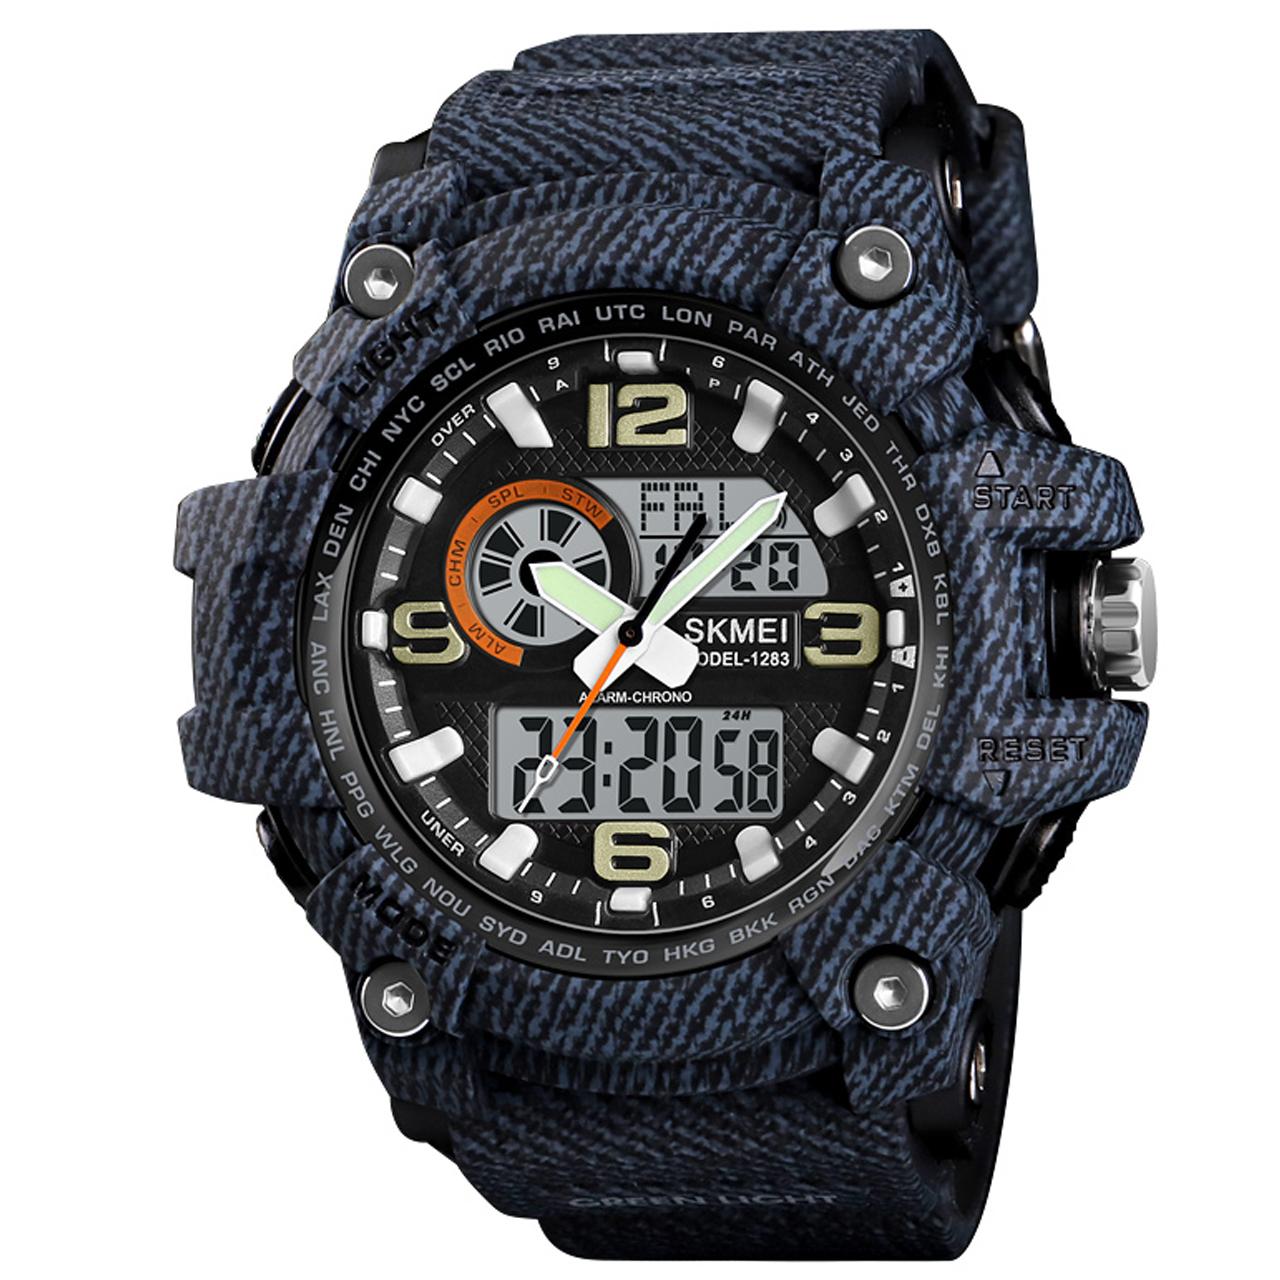 ساعت مچی مردانه اسکمی مدل 1283Md